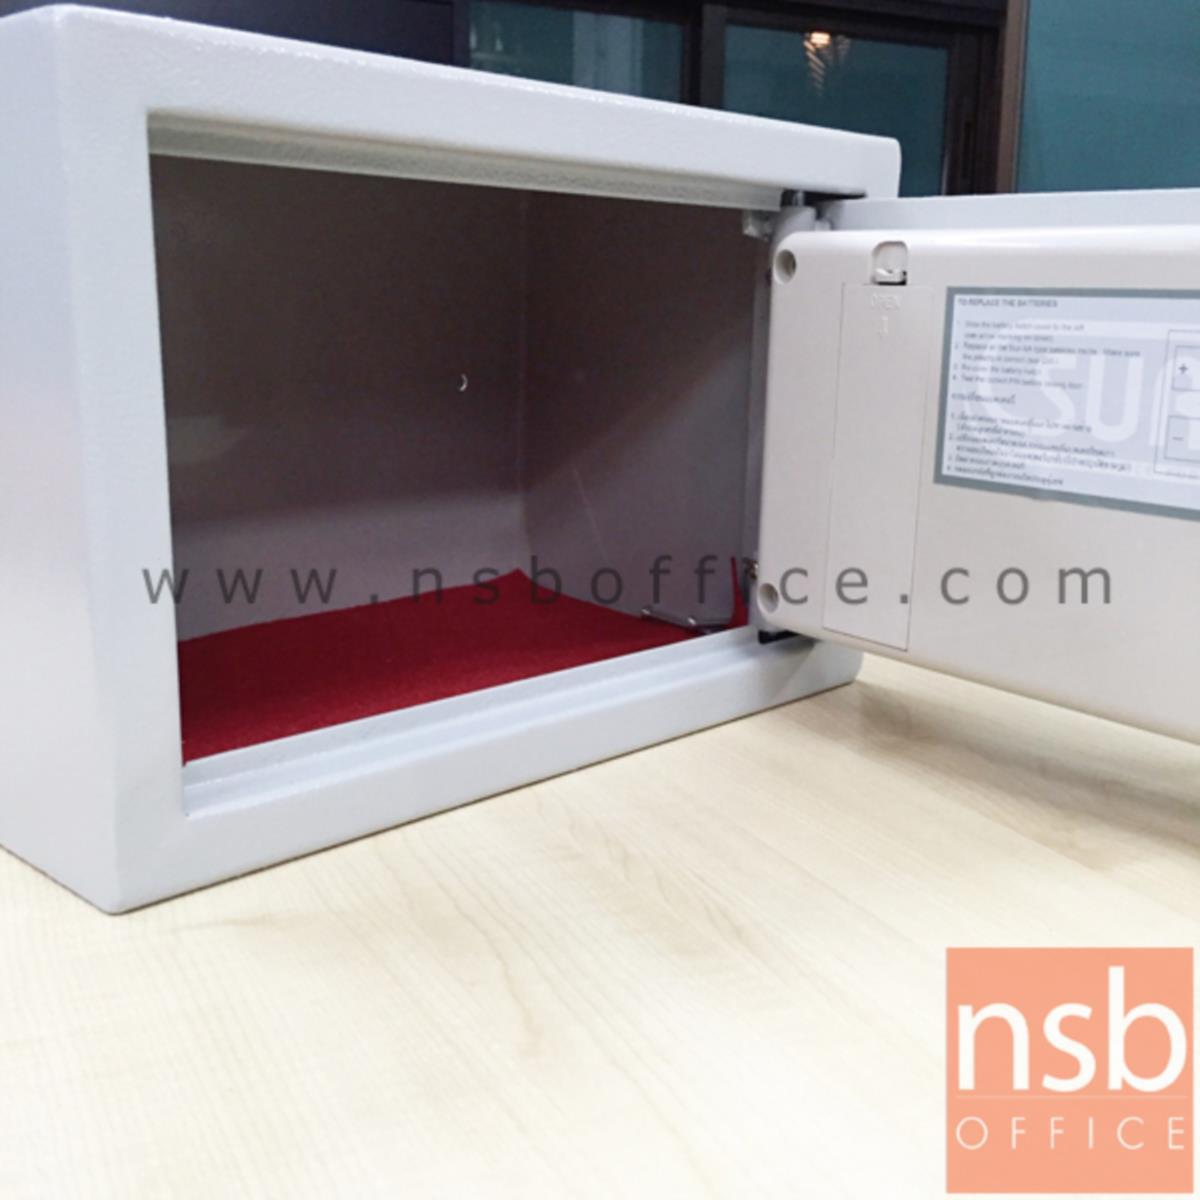 ตู้เซฟดิจิตอล รุ่น SR-ES-700 (1 รหัสกด / ปุ่มหมุนบิด) ขนาด 31W*20D*20H cm.